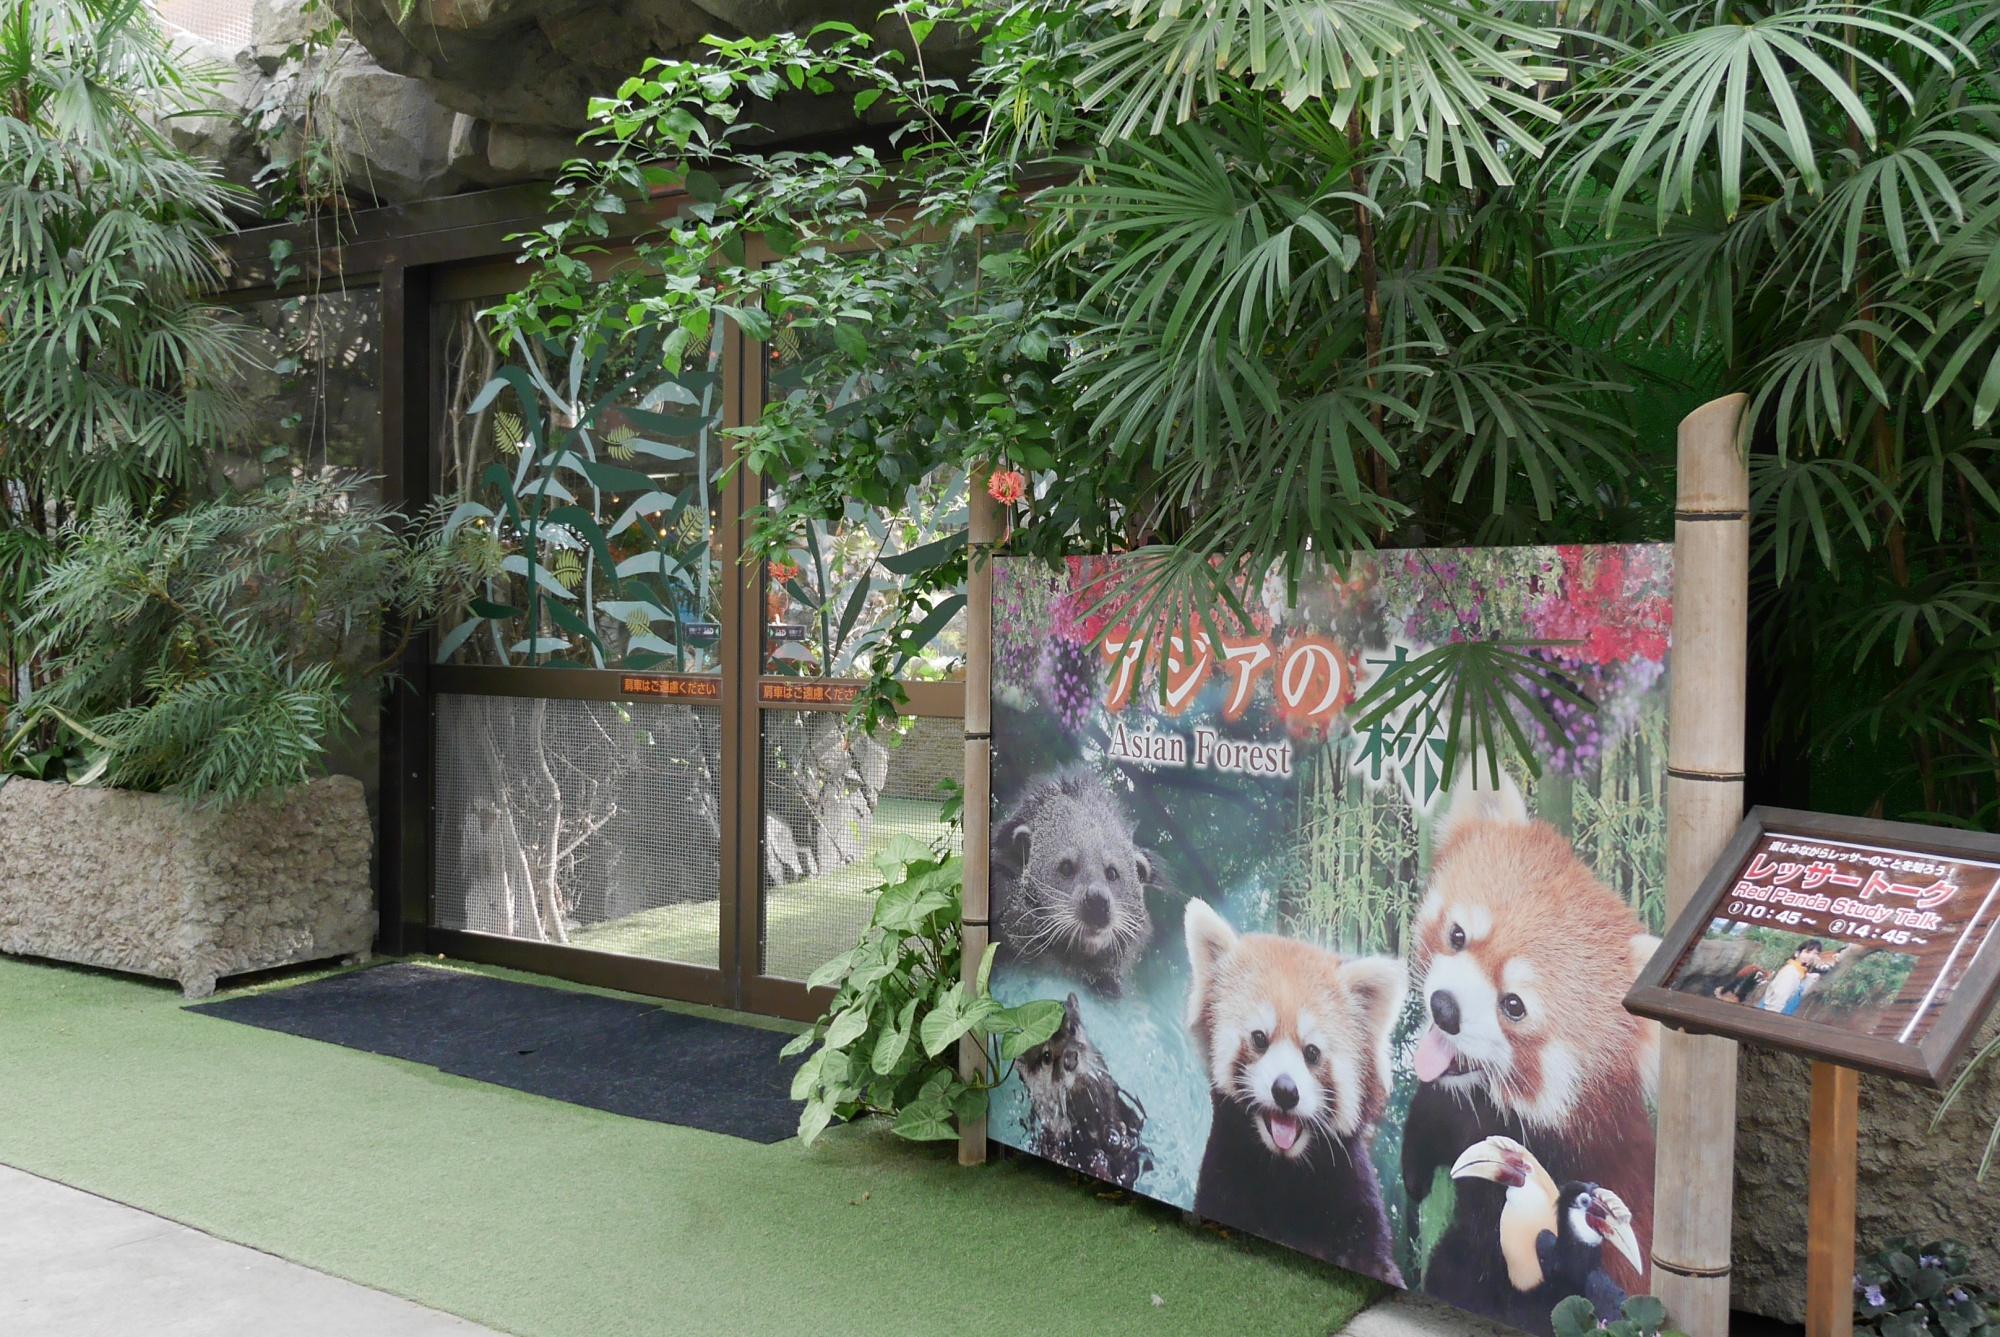 アジアの森(Asian Forest)